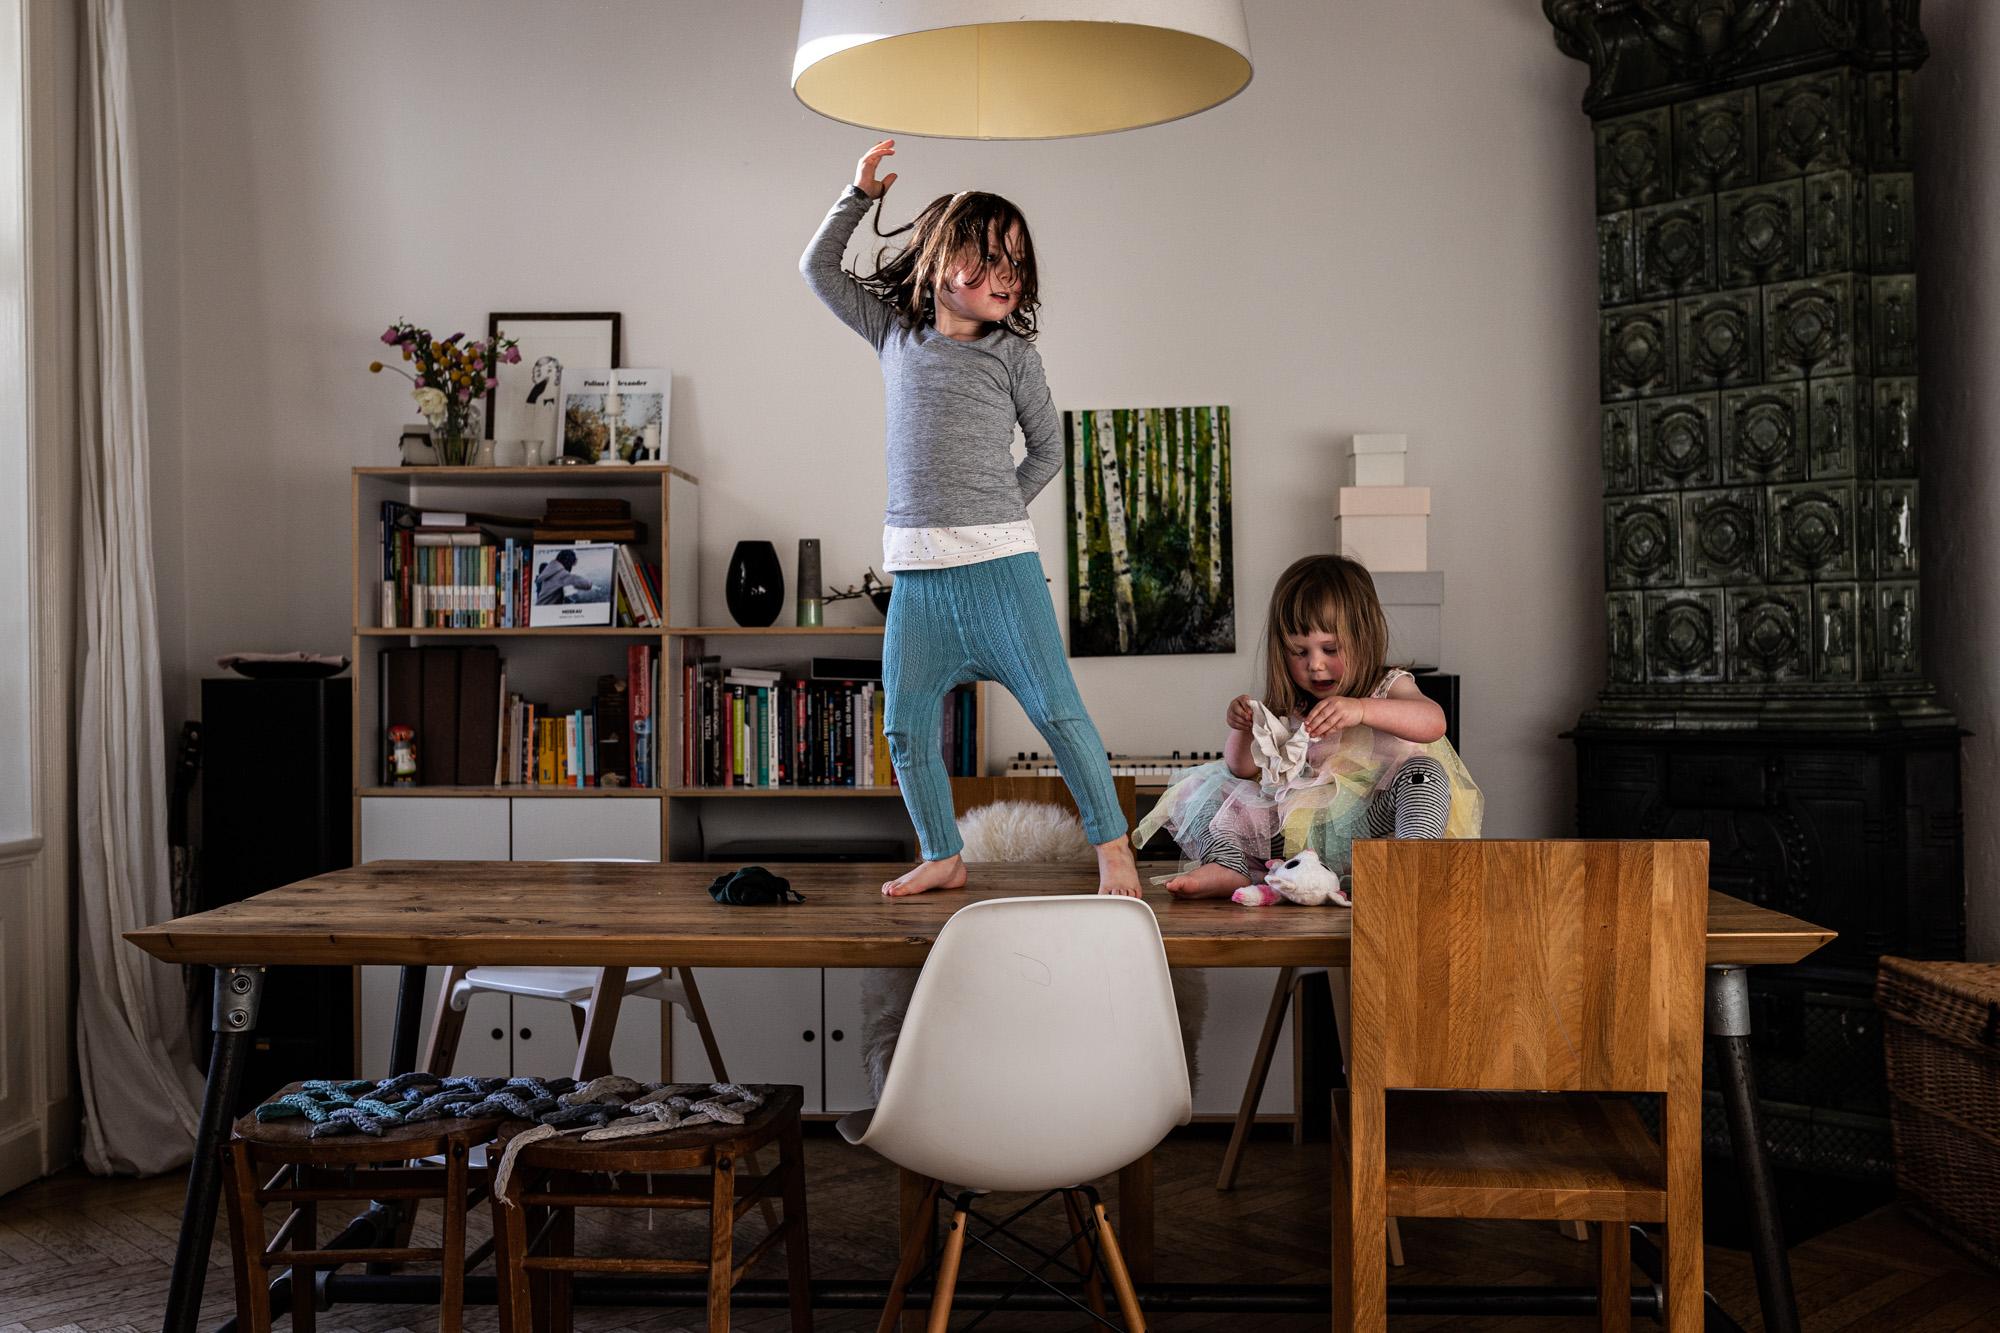 Familienreportage. Mädchen tanzt auf dem Tisch.